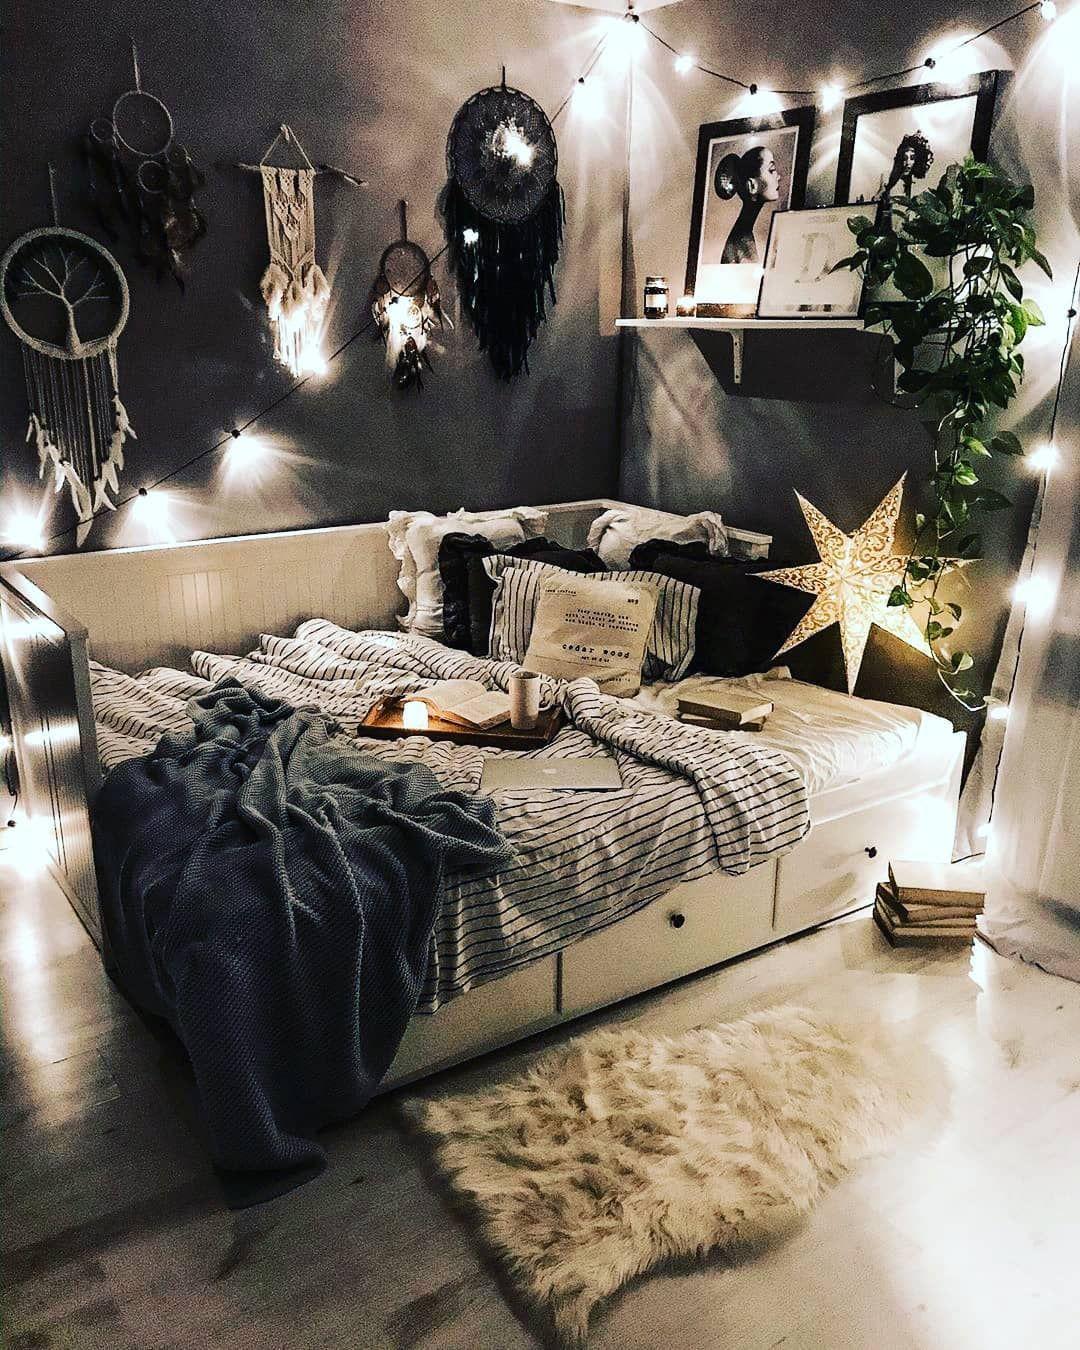 Repost Tatiana Home Decor Dorm Room Decor Cozy Room Decor Cozy Room